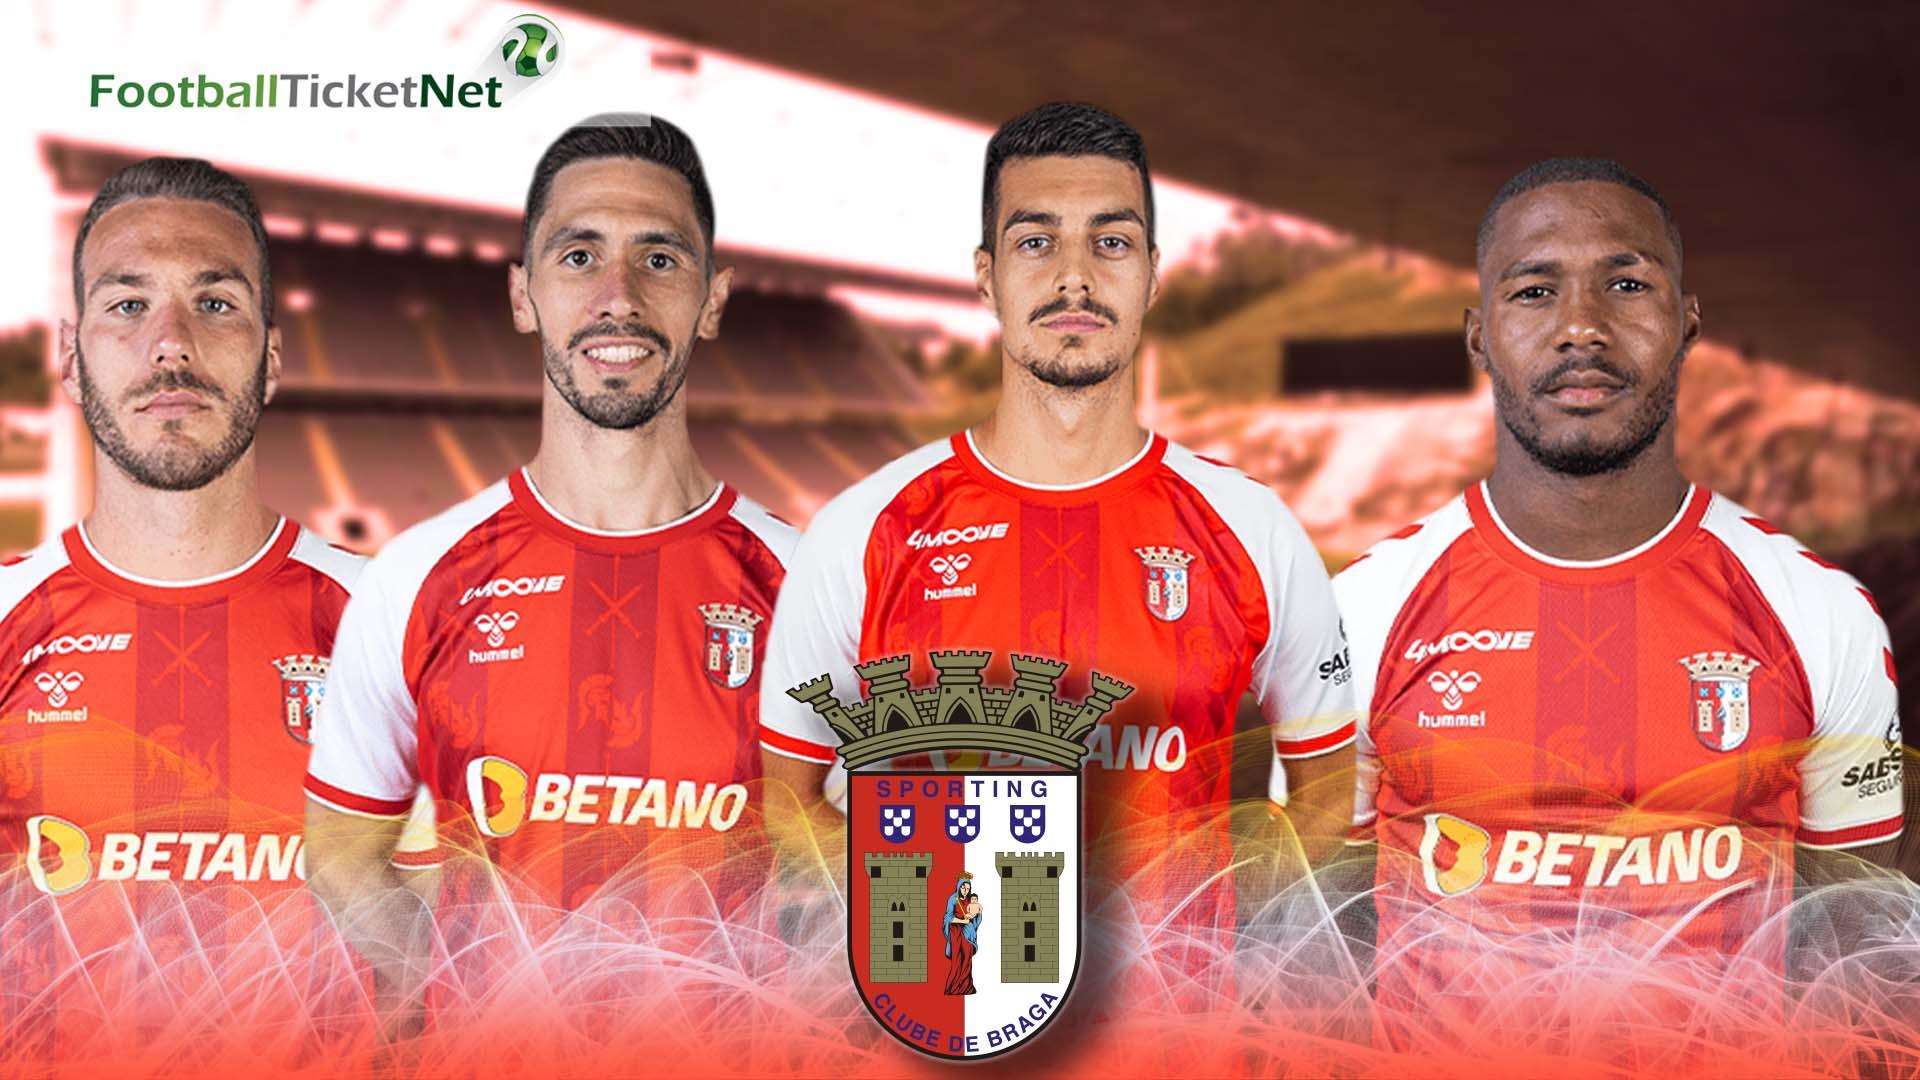 SC Braga: SC Braga Tickets 2018/19 Season